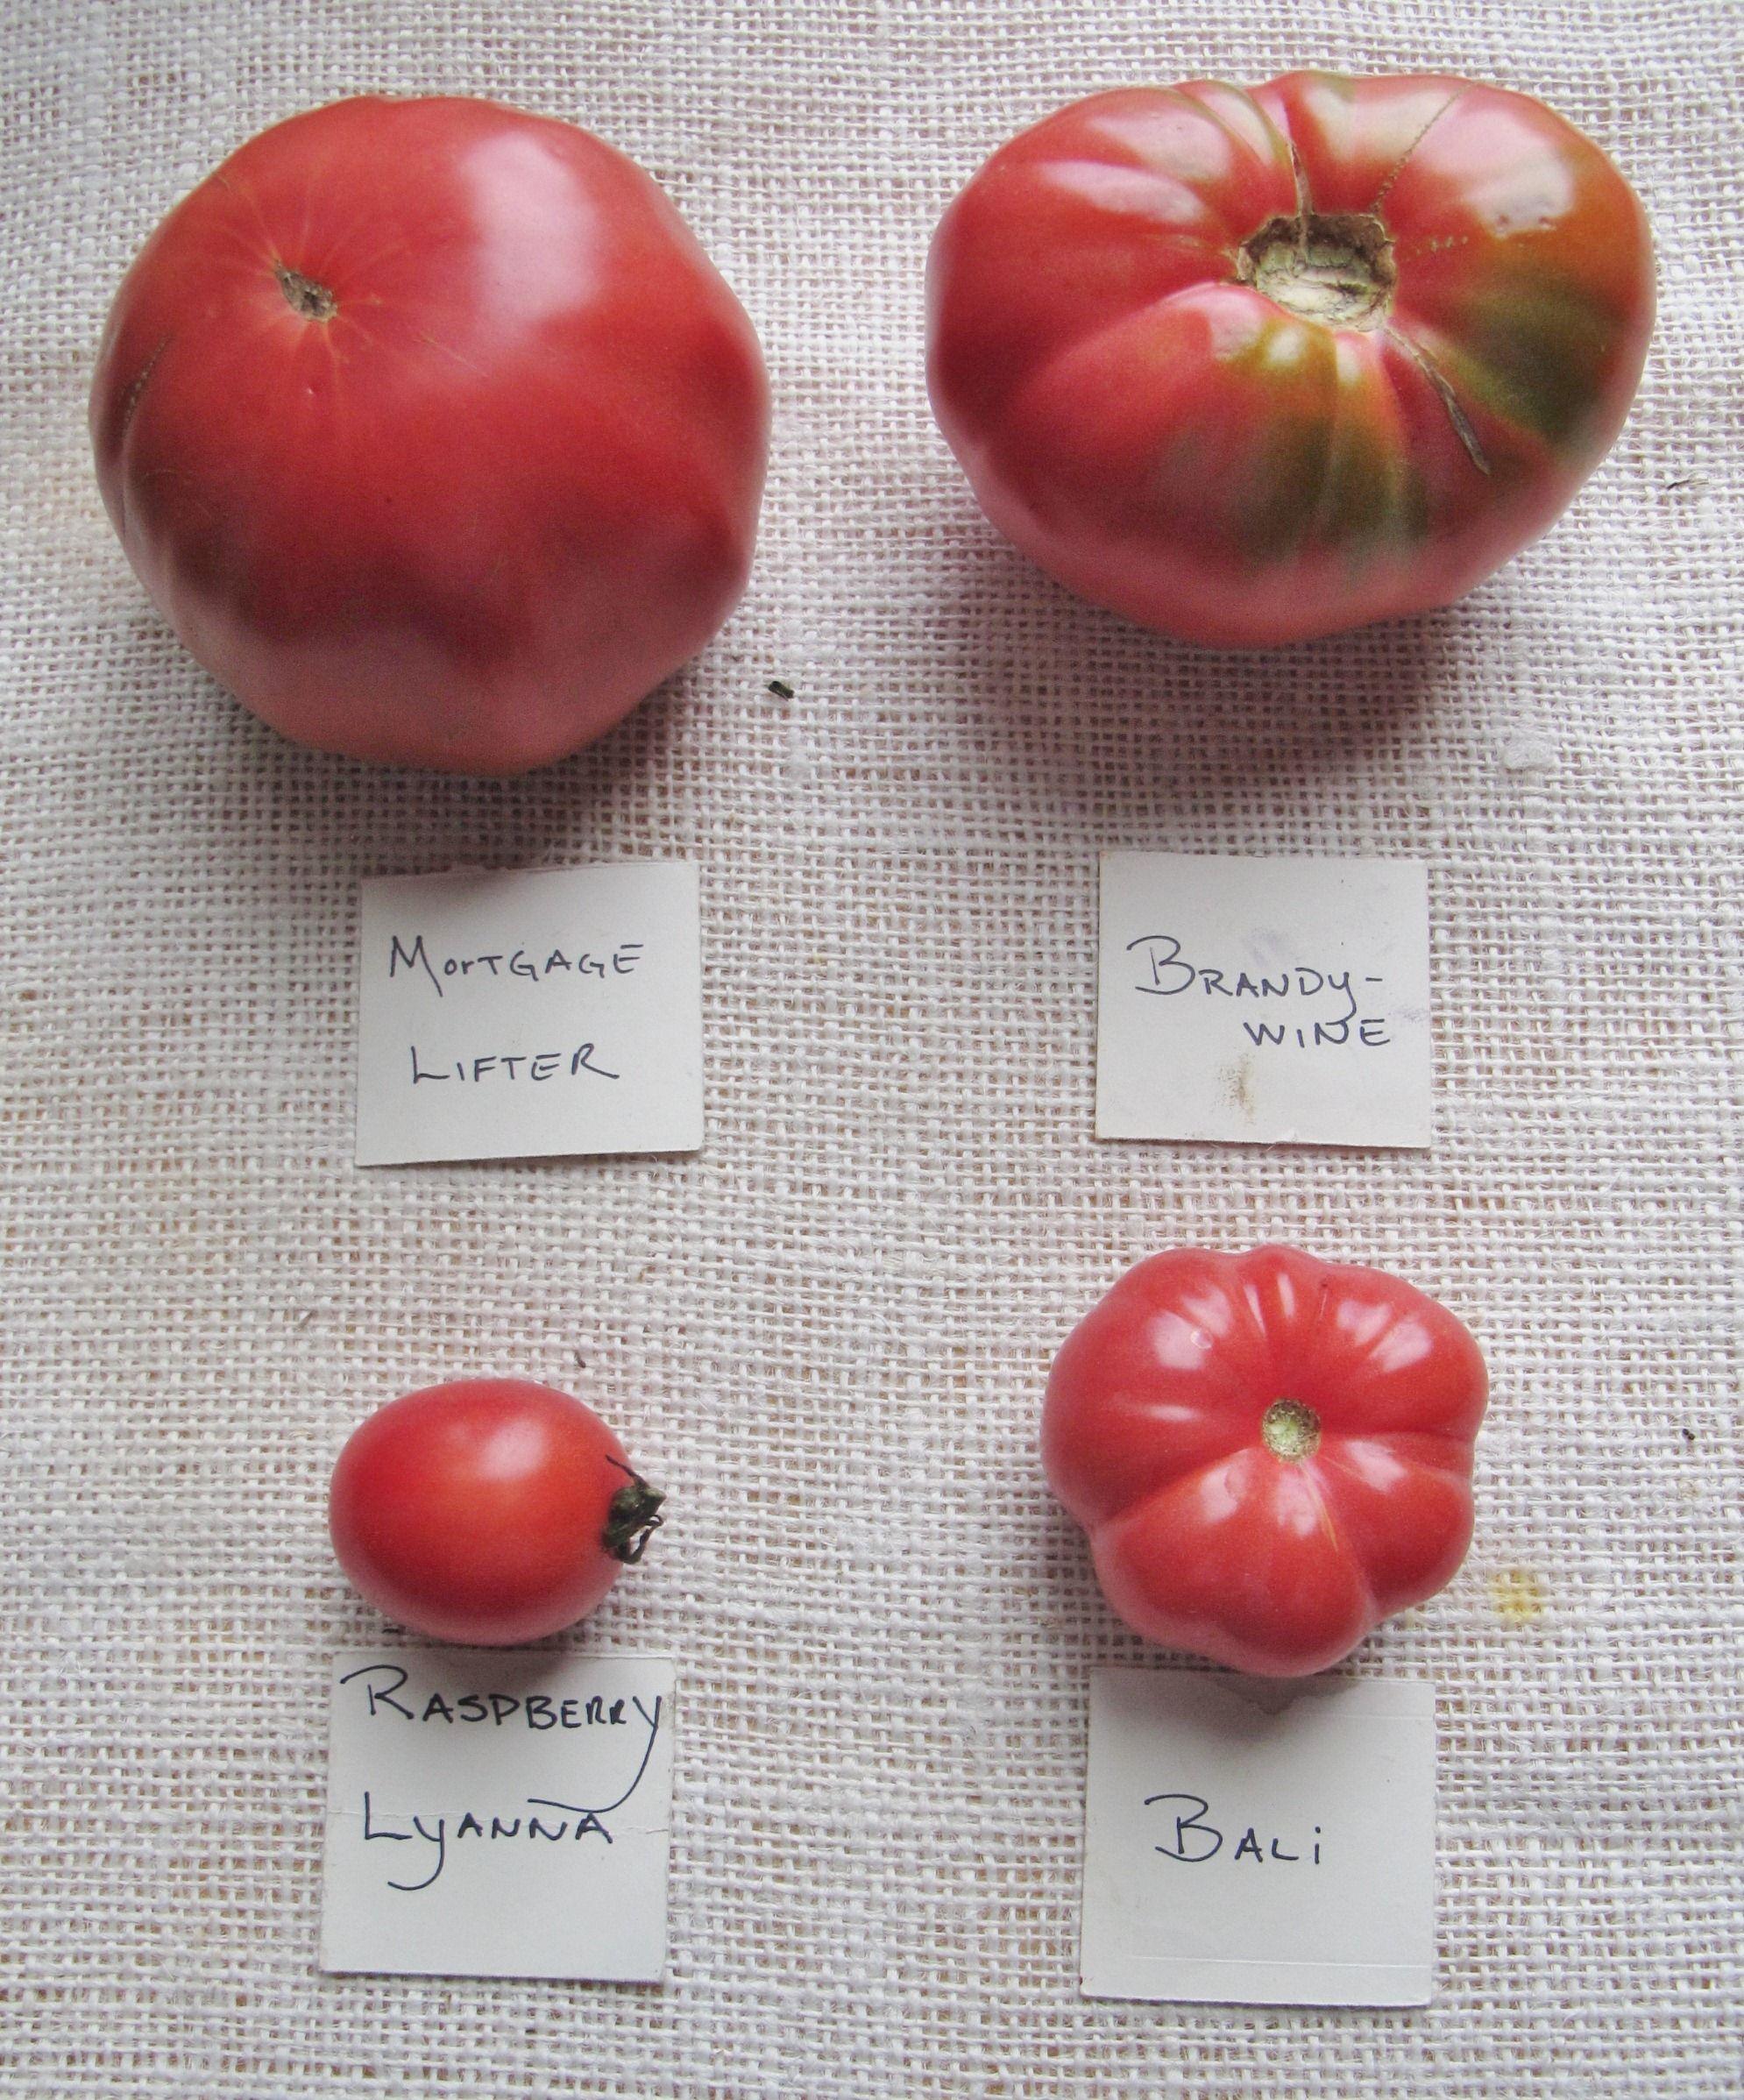 Heirloom Tomatoes Varieties